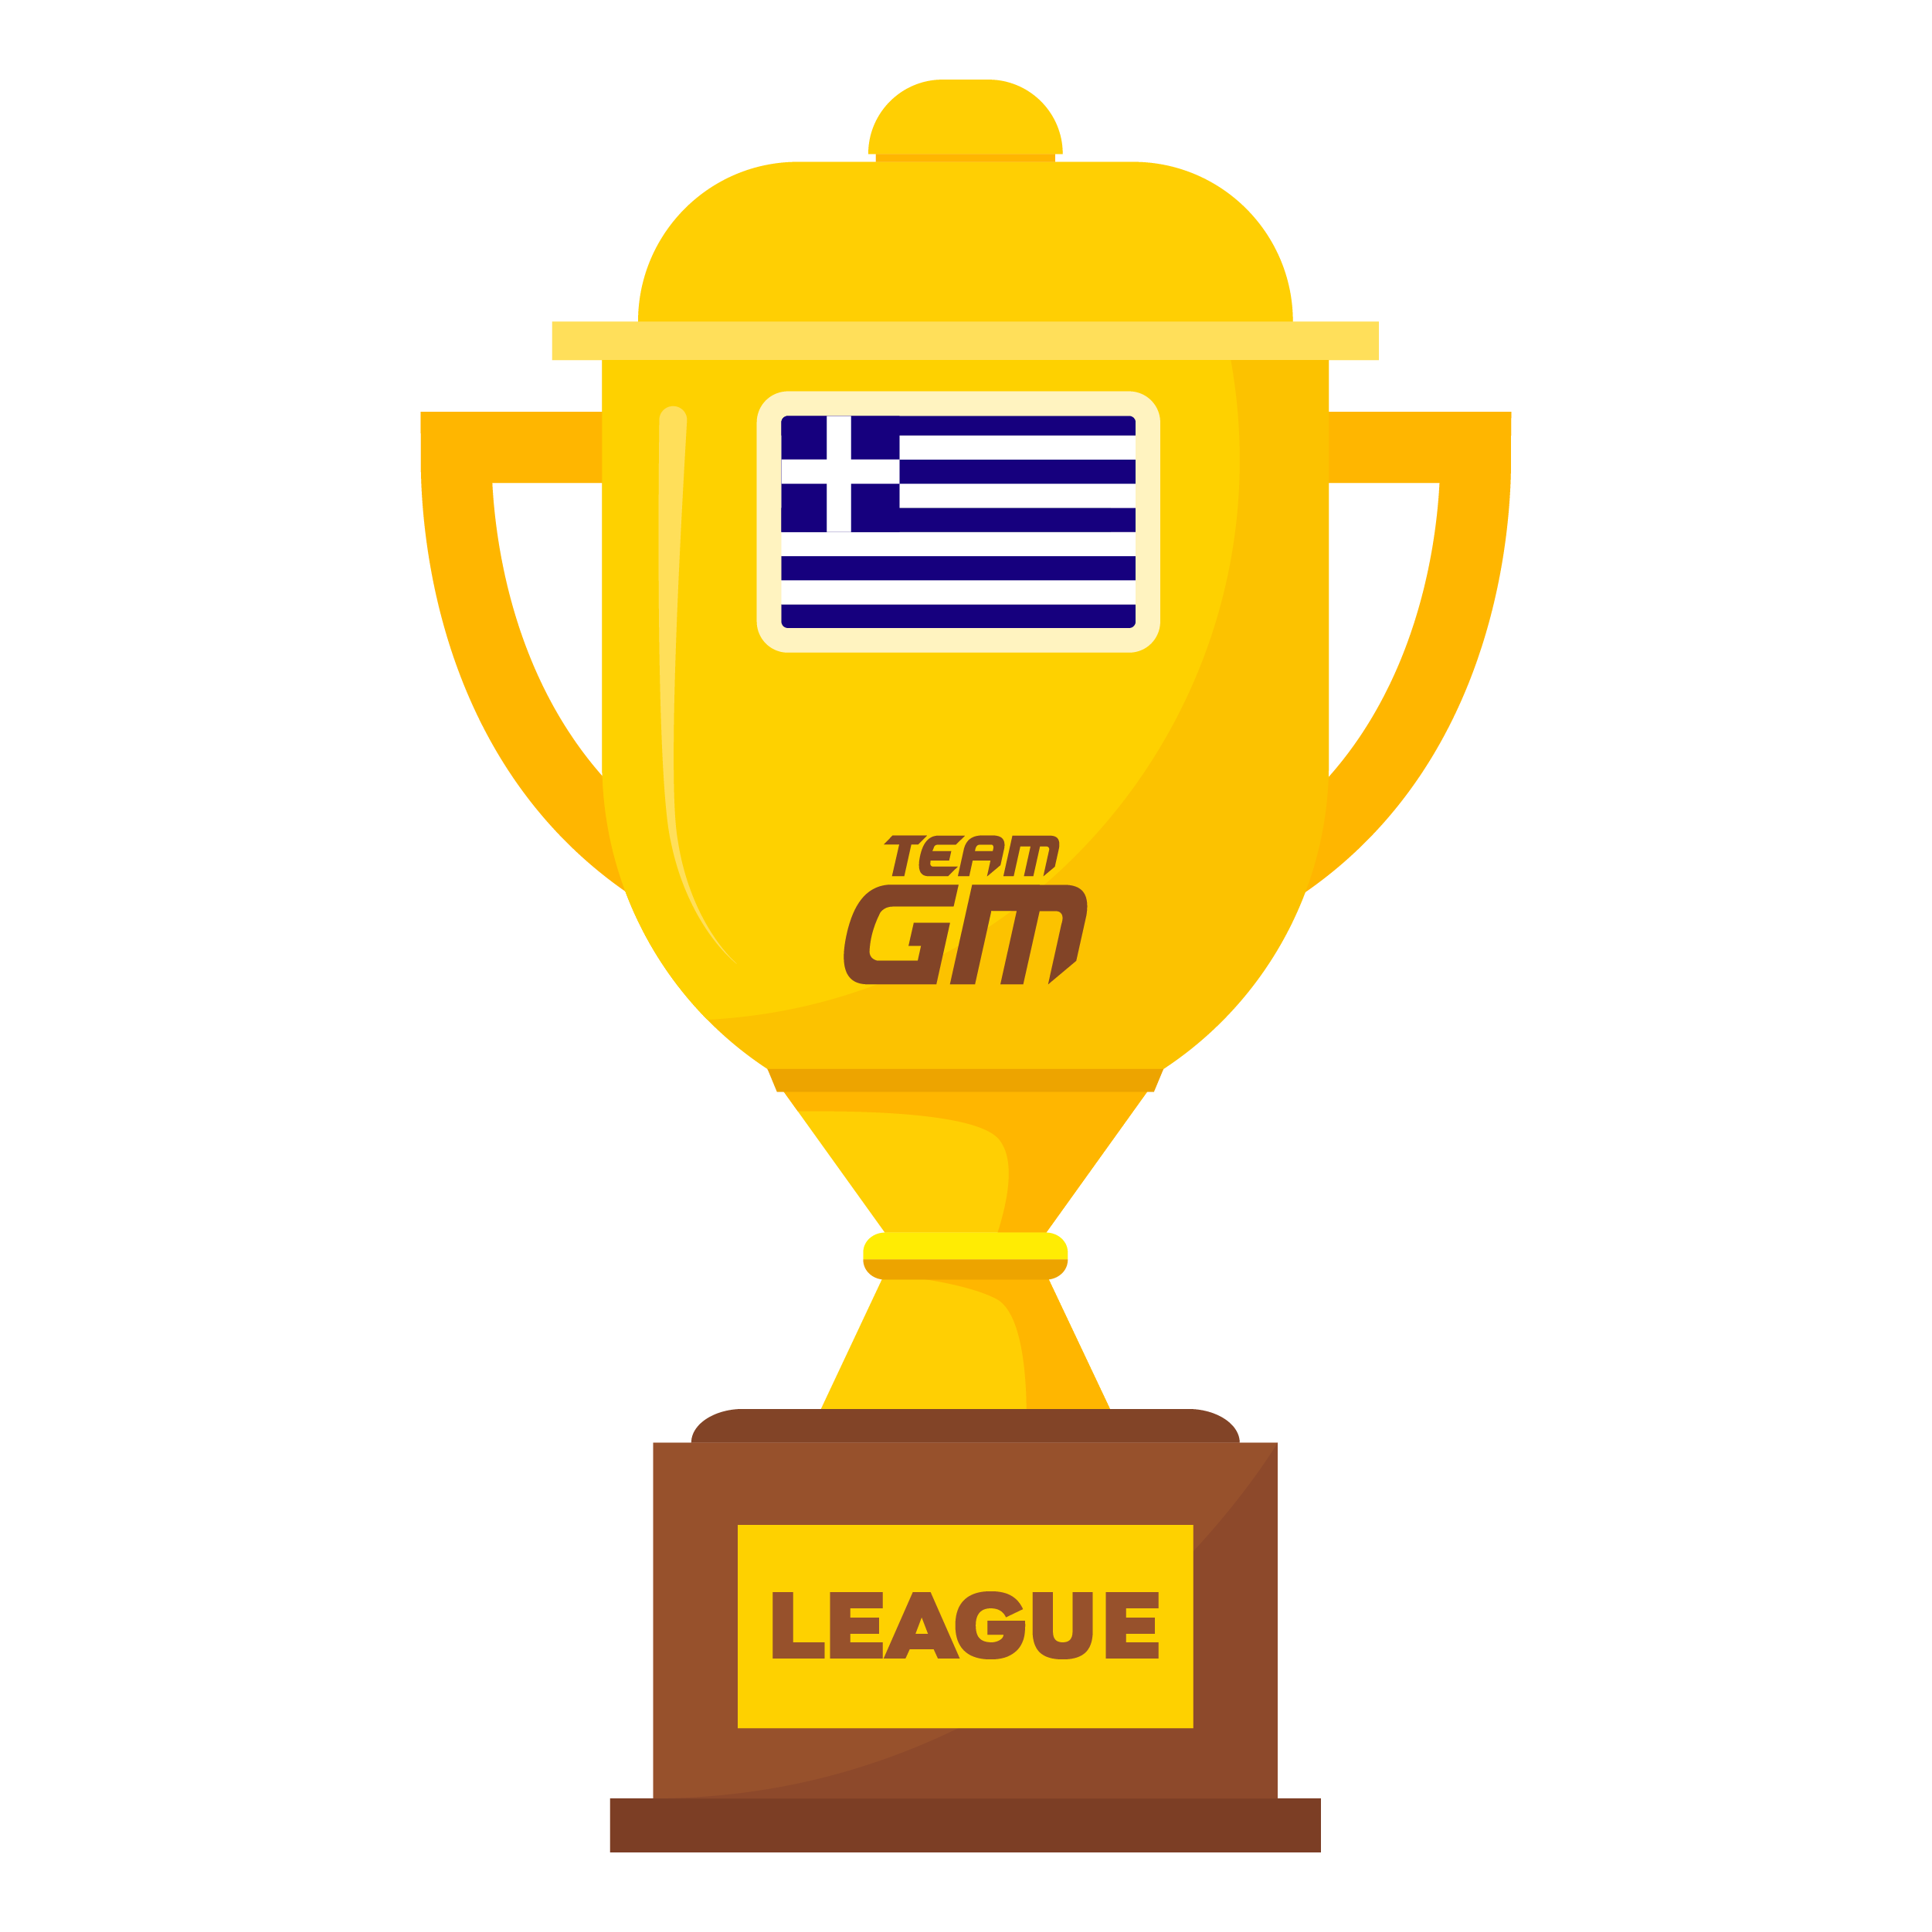 4TH - GREEK LEAGUE A1